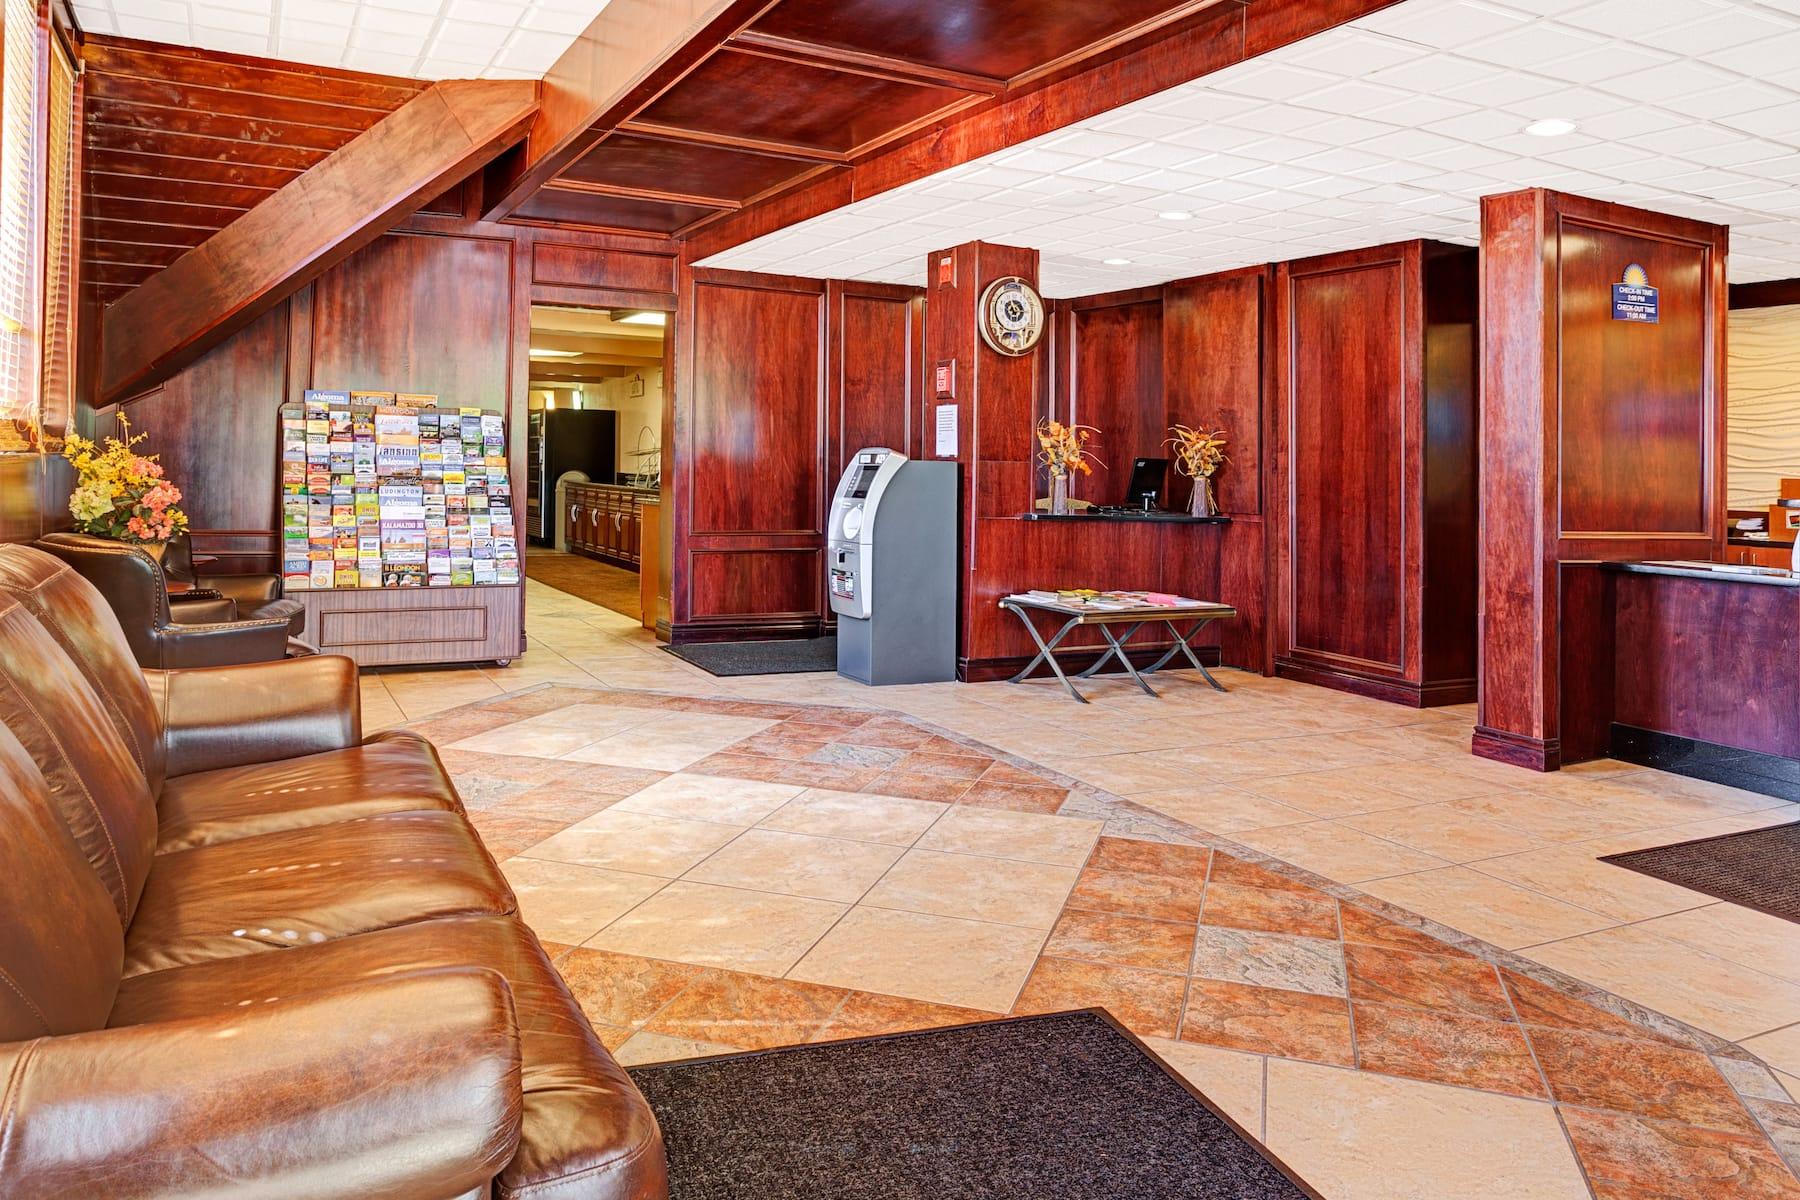 Days Inn By Wyndham Ann Arbor Ann Arbor Mi Hotels